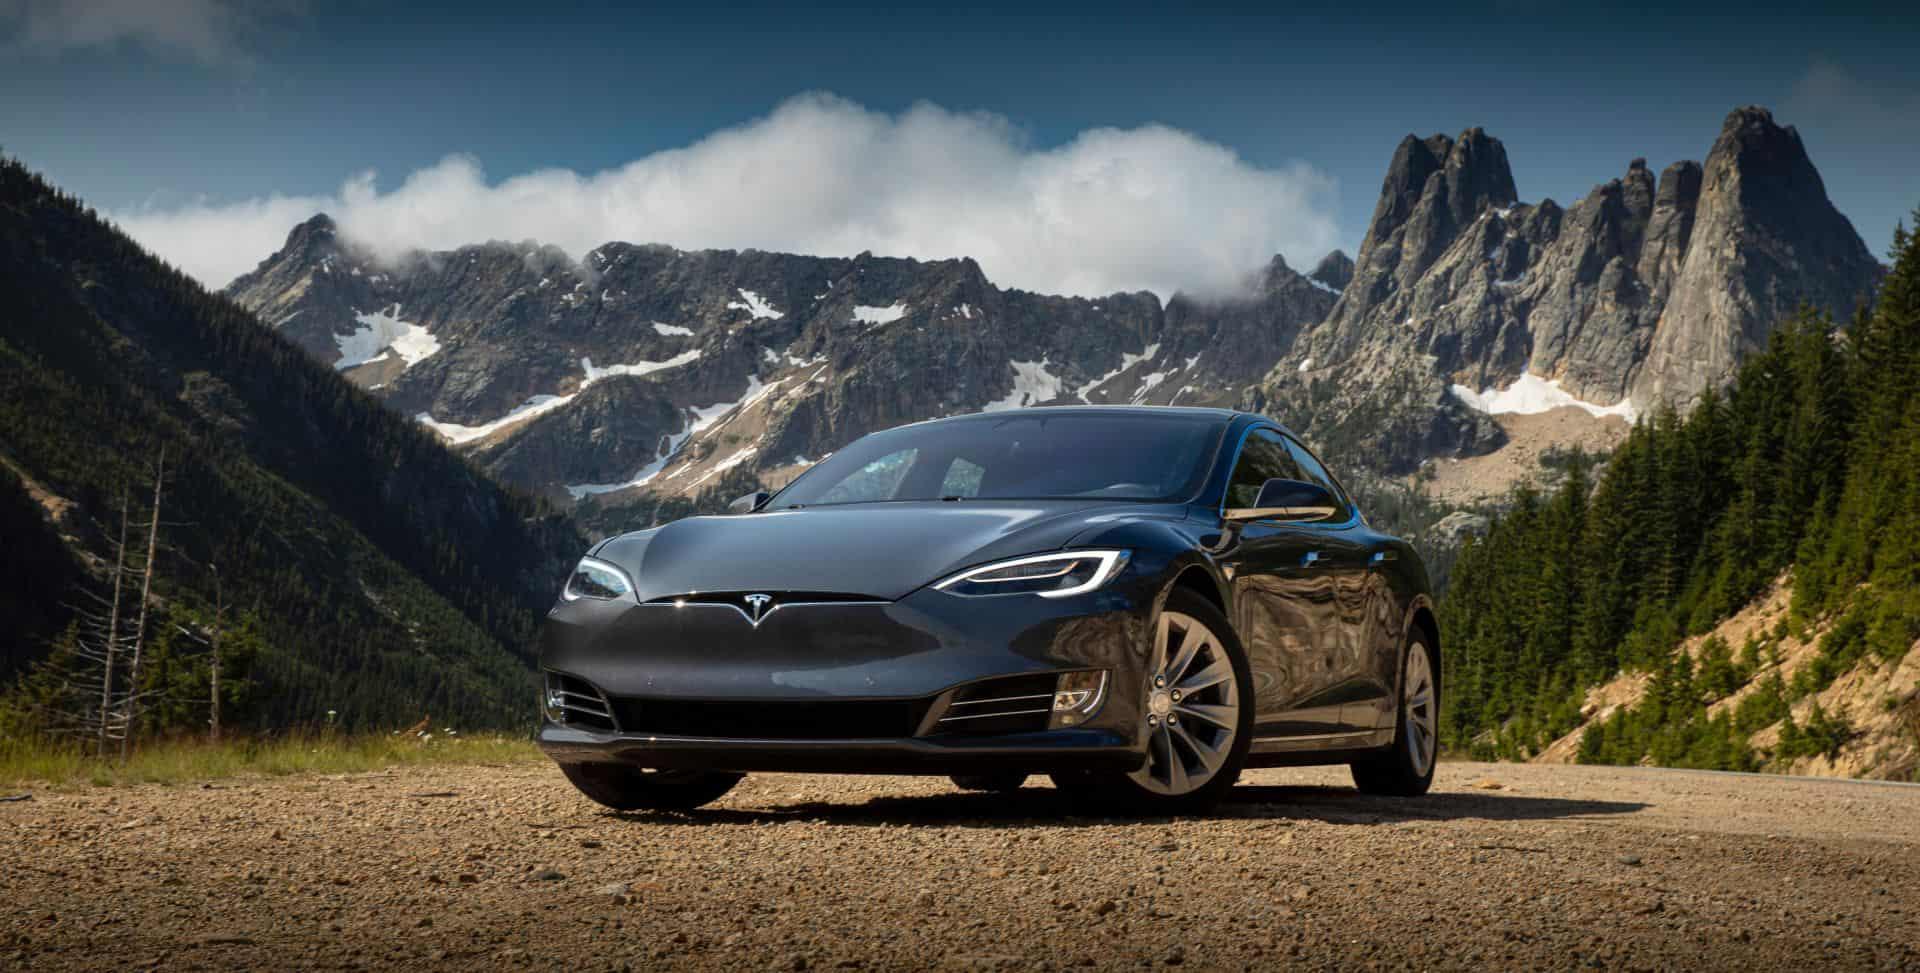 Obrist: Ziel ist ein E-Fahrzeug das ökonomische, technische & ökologische Aspekte berücksichtigt